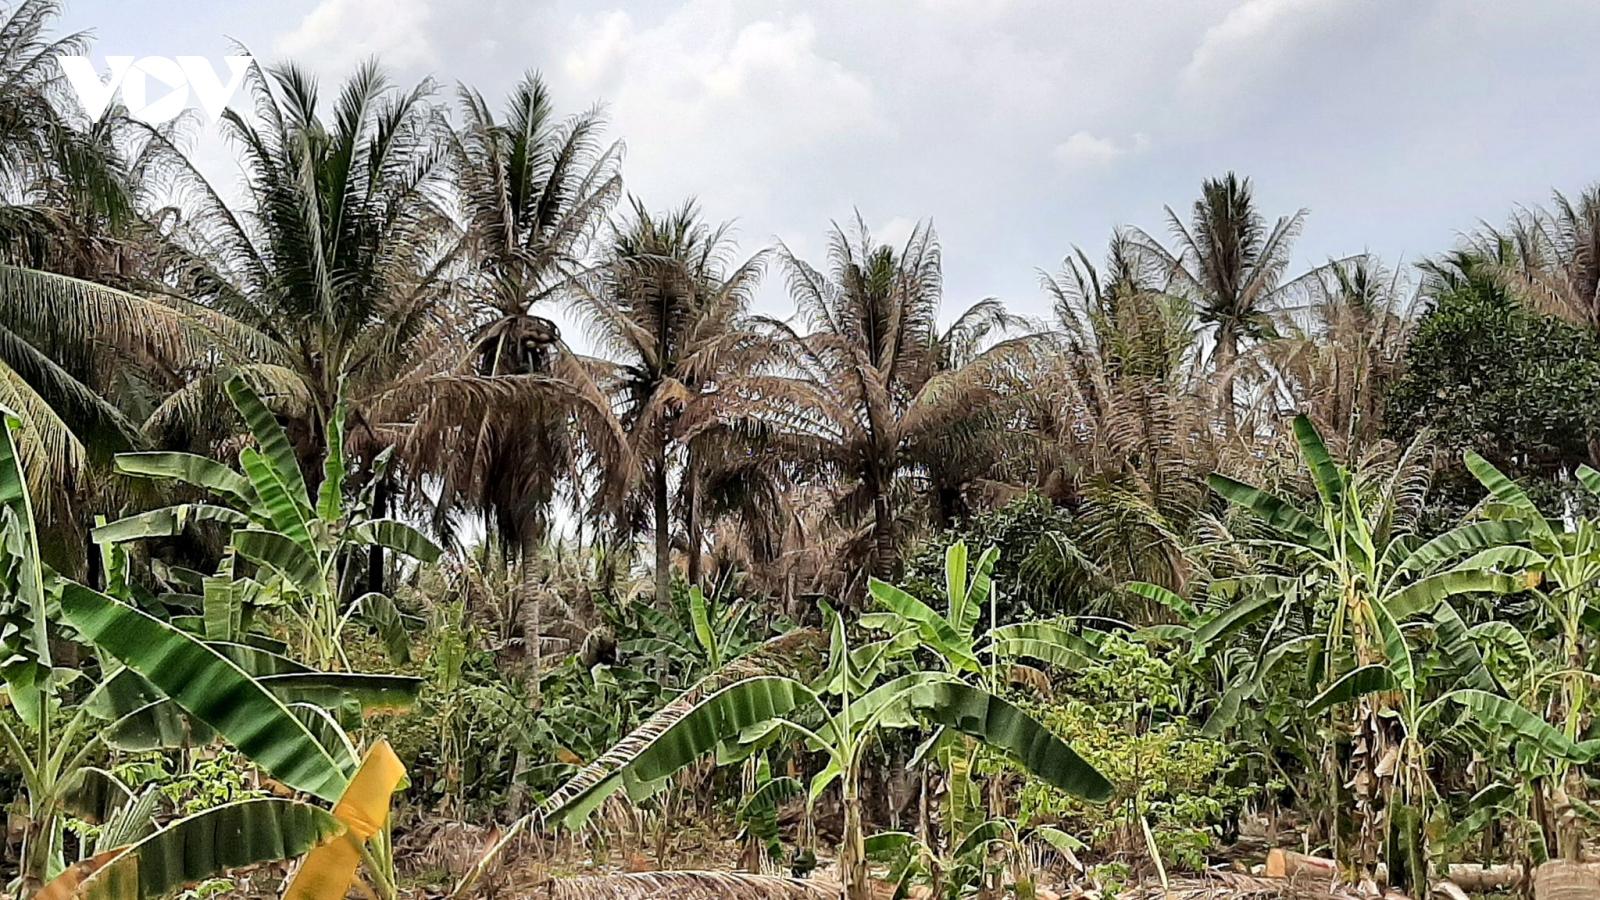 Sâu đầu đen tấn công vườn dừa khiến nhà vườn Bến Tre khốn đốn